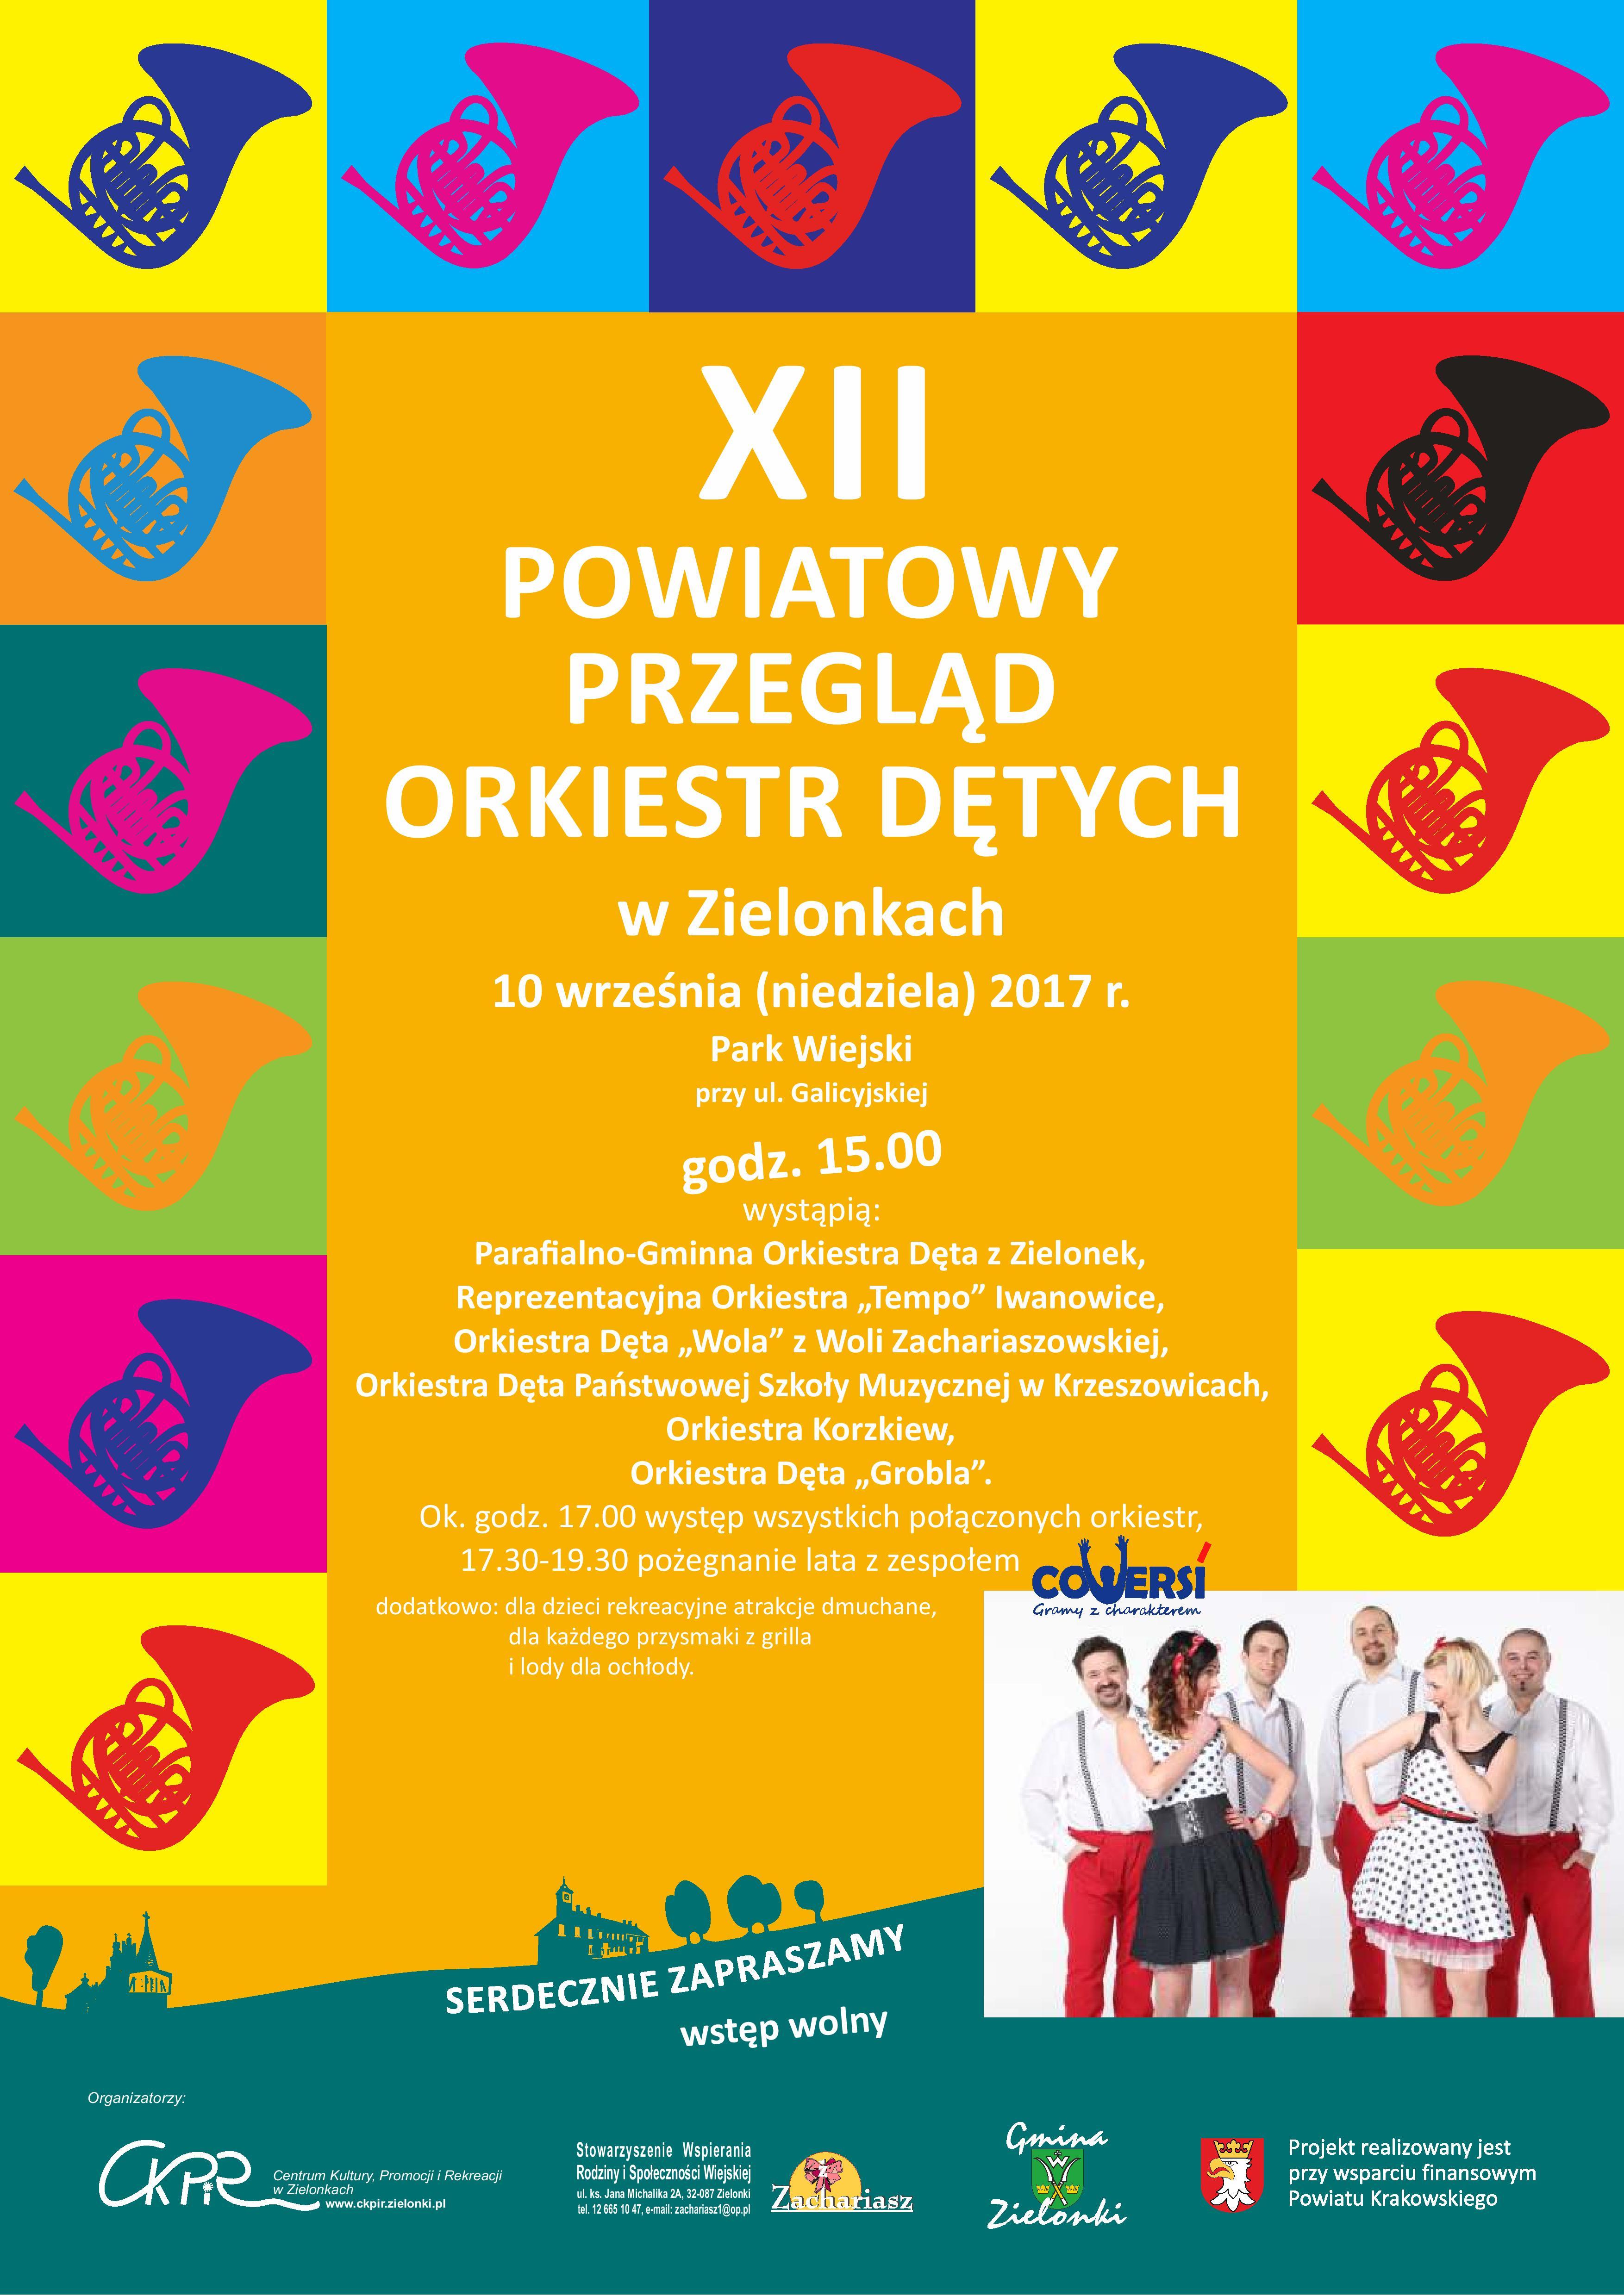 XII Powiatowy Przegląd Orkiestr Dętych w Zielonkach @ Zielonki | małopolskie | Polska